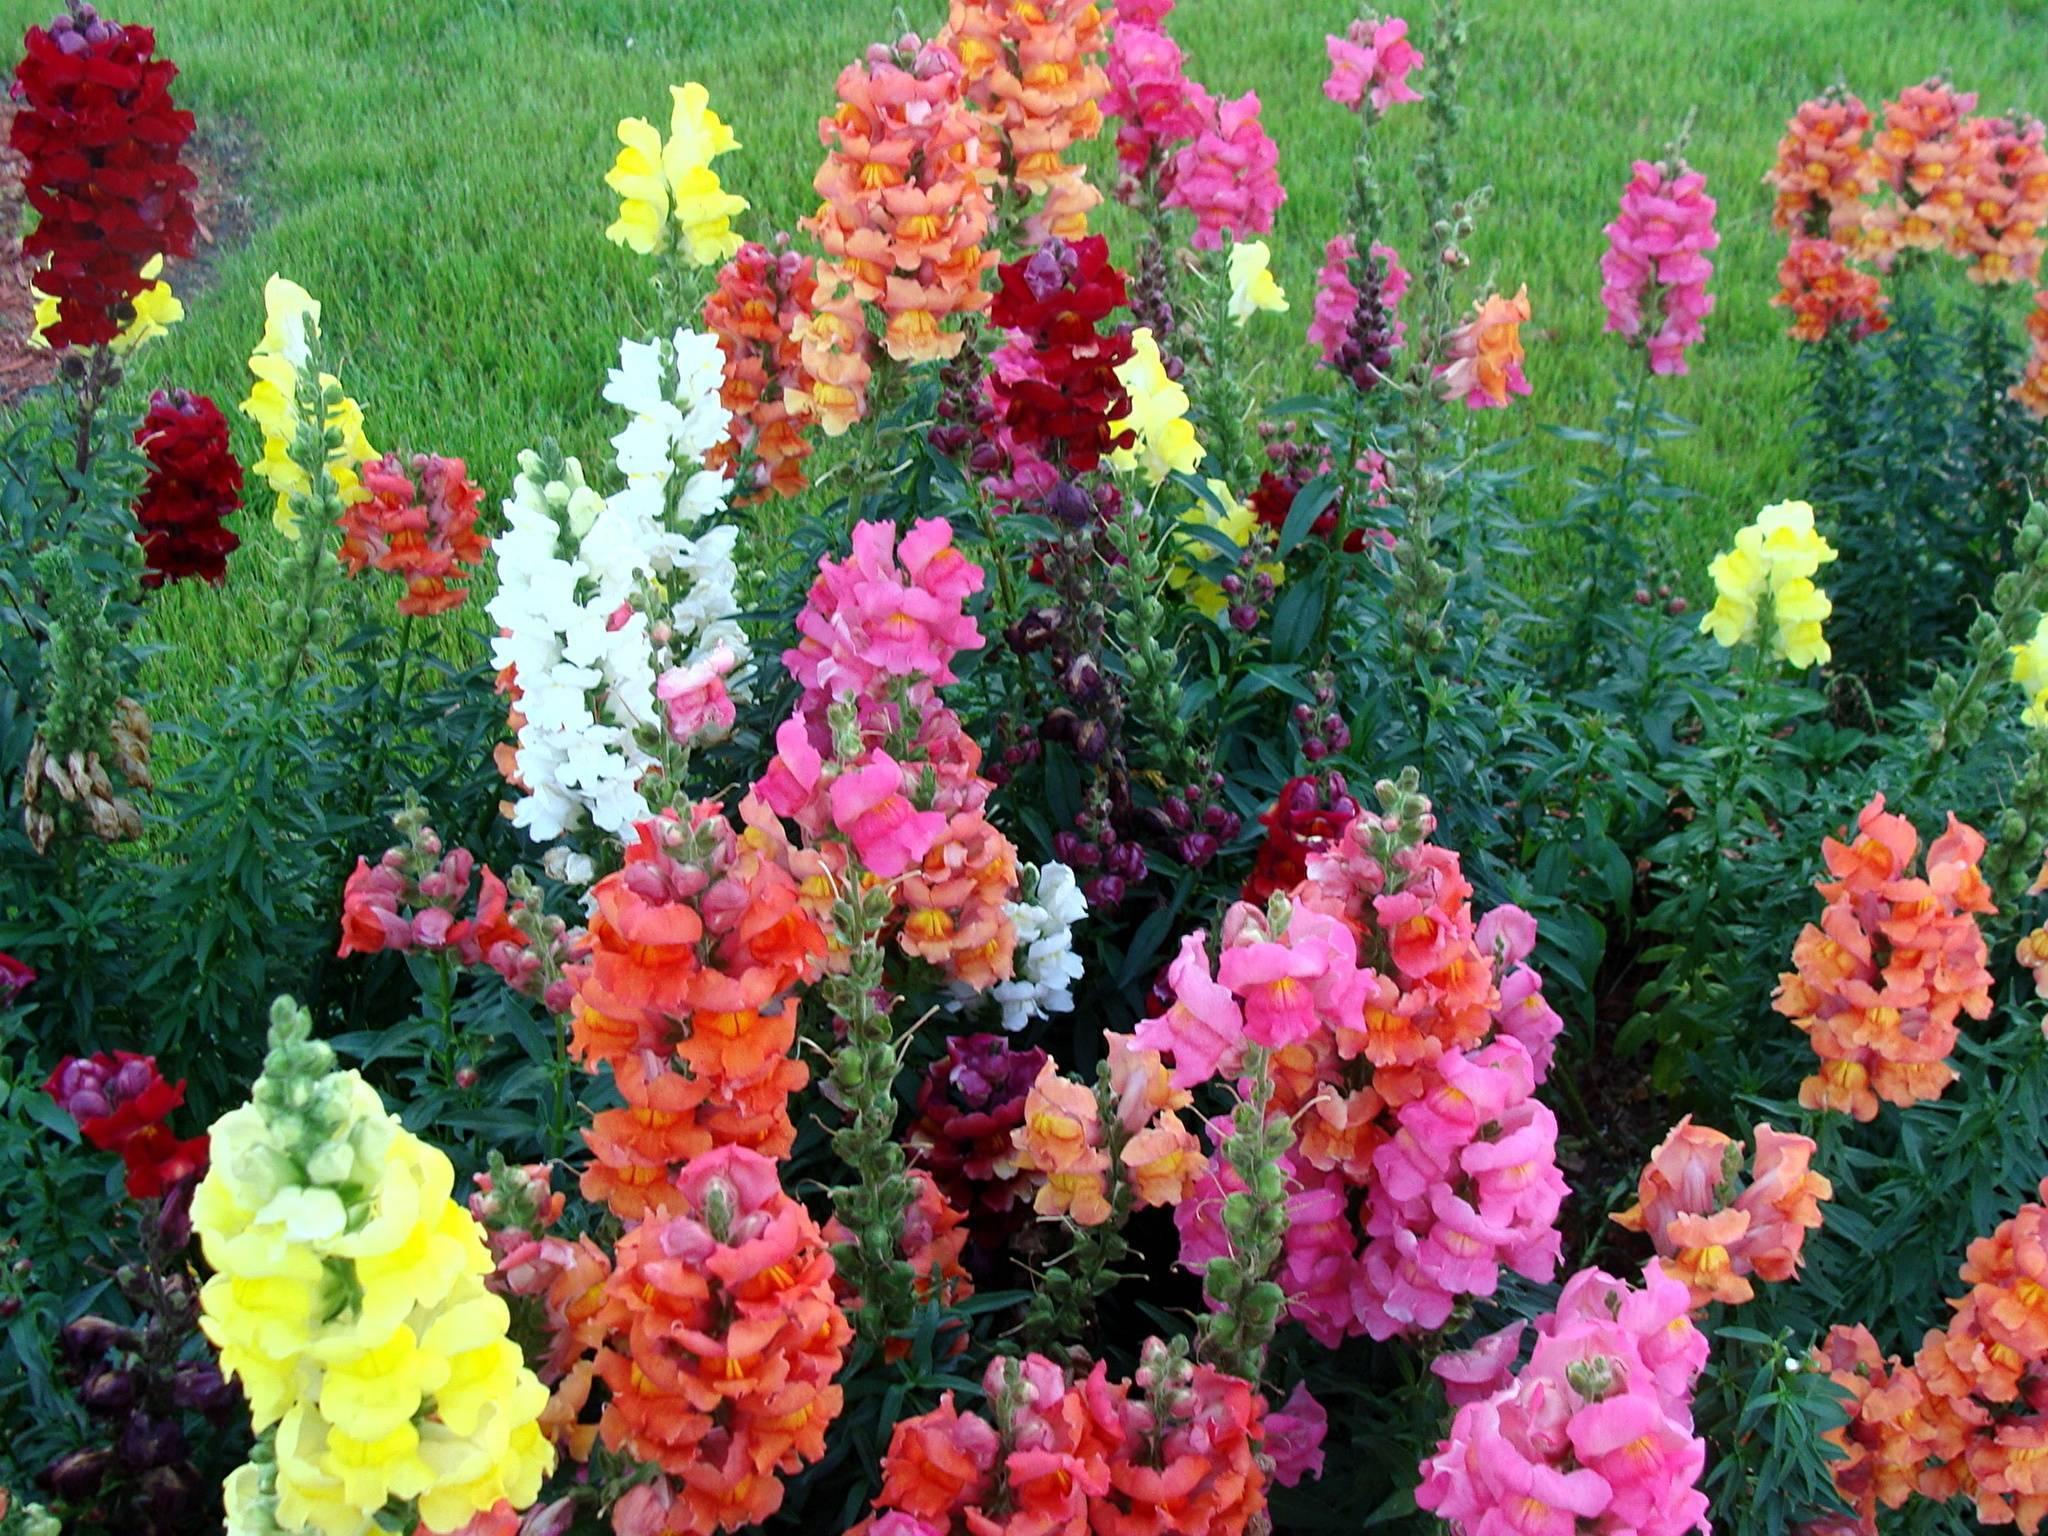 Сорта львиного зева: многолетние, однолетние, выращивание из семян, когда сажать